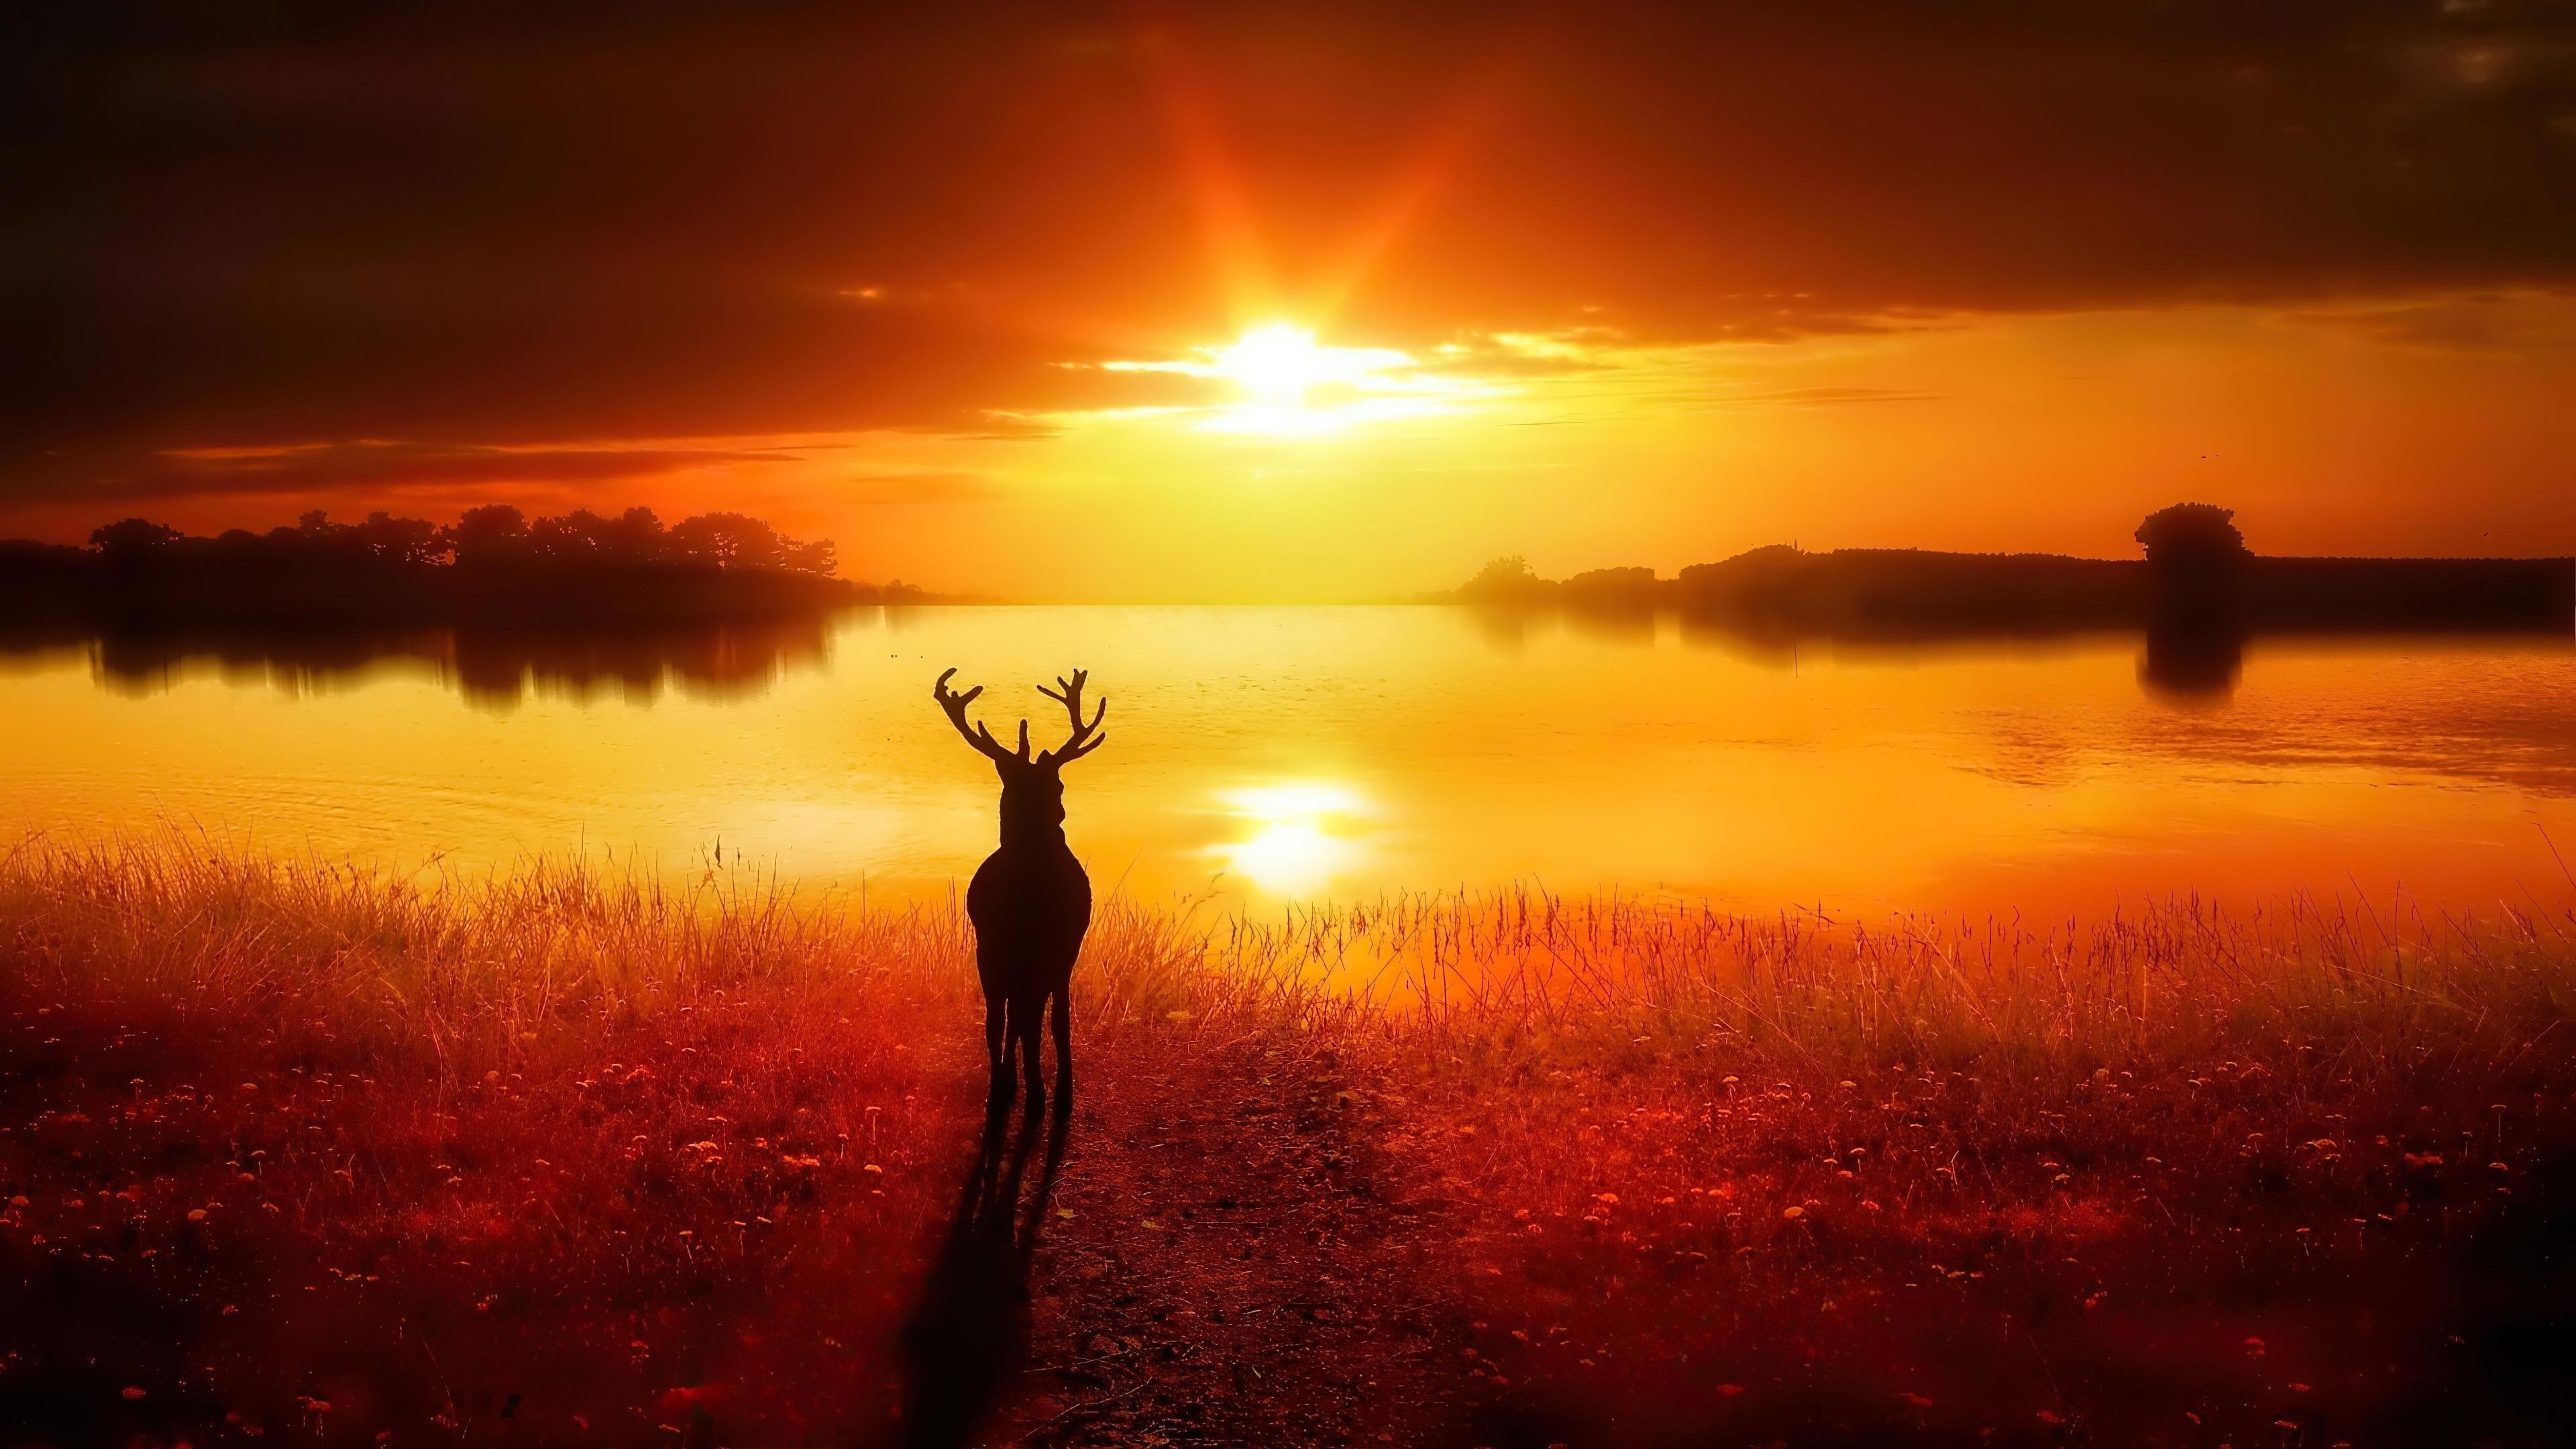 Силуэт оленя стоящего перед озером во время заката природа обои скачать